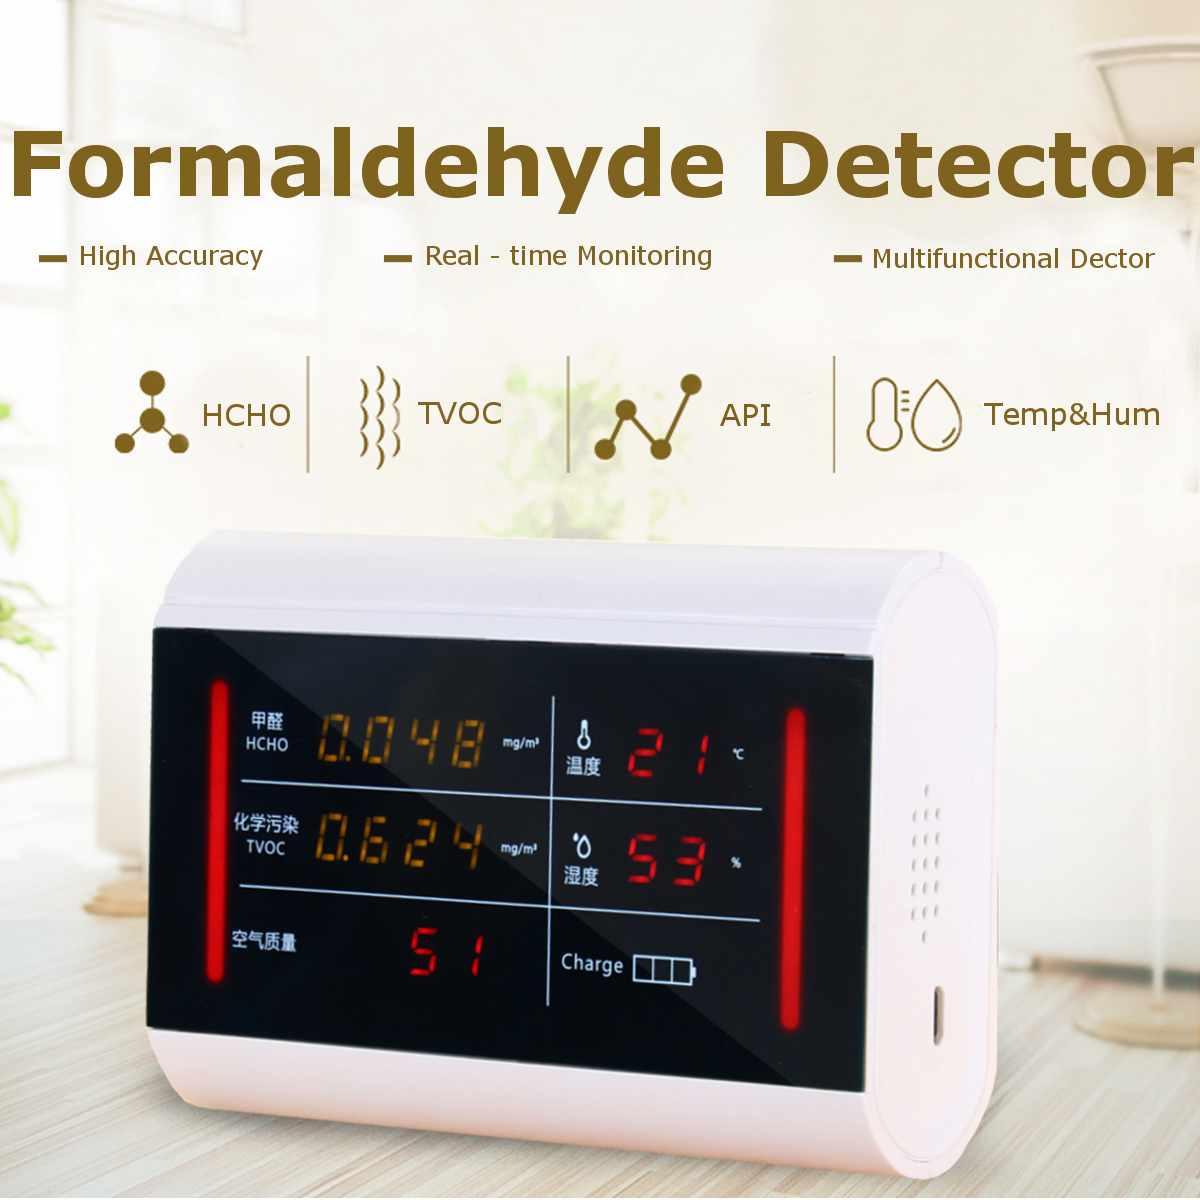 HOCO TCOV API Air Qualité Monitor Pollution Formaldéhyde Détecteur Accueil Intérieur Haute Sensibilité Capteur Sauvegarde Détection en Temps